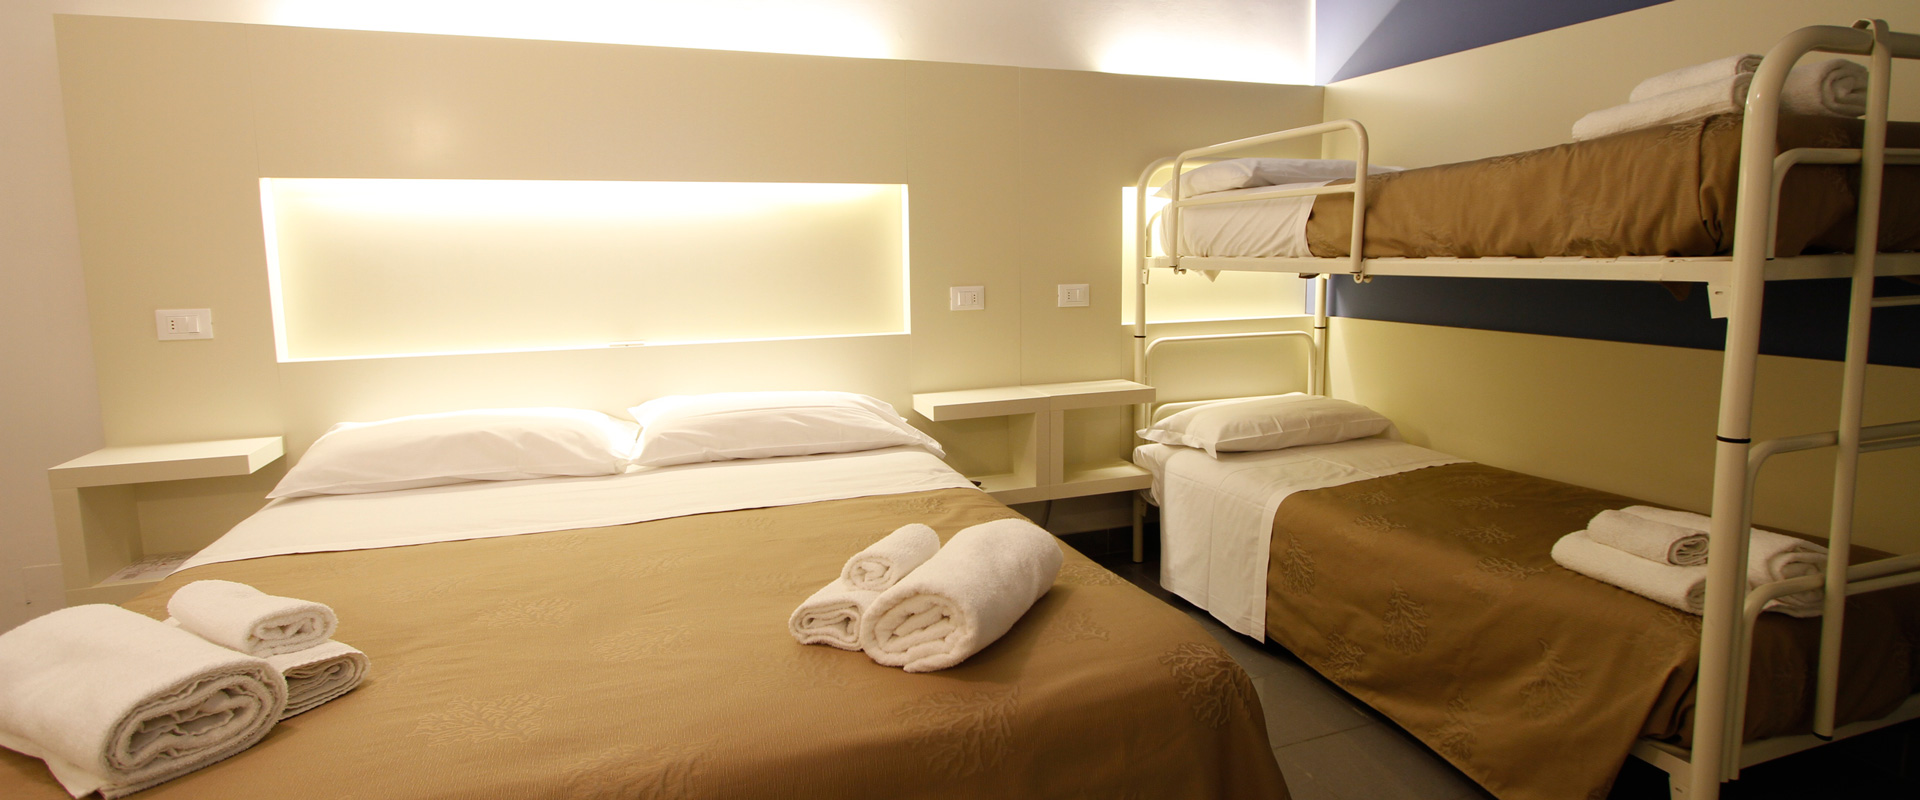 Camera quadrupla Hotel Desire Riccione